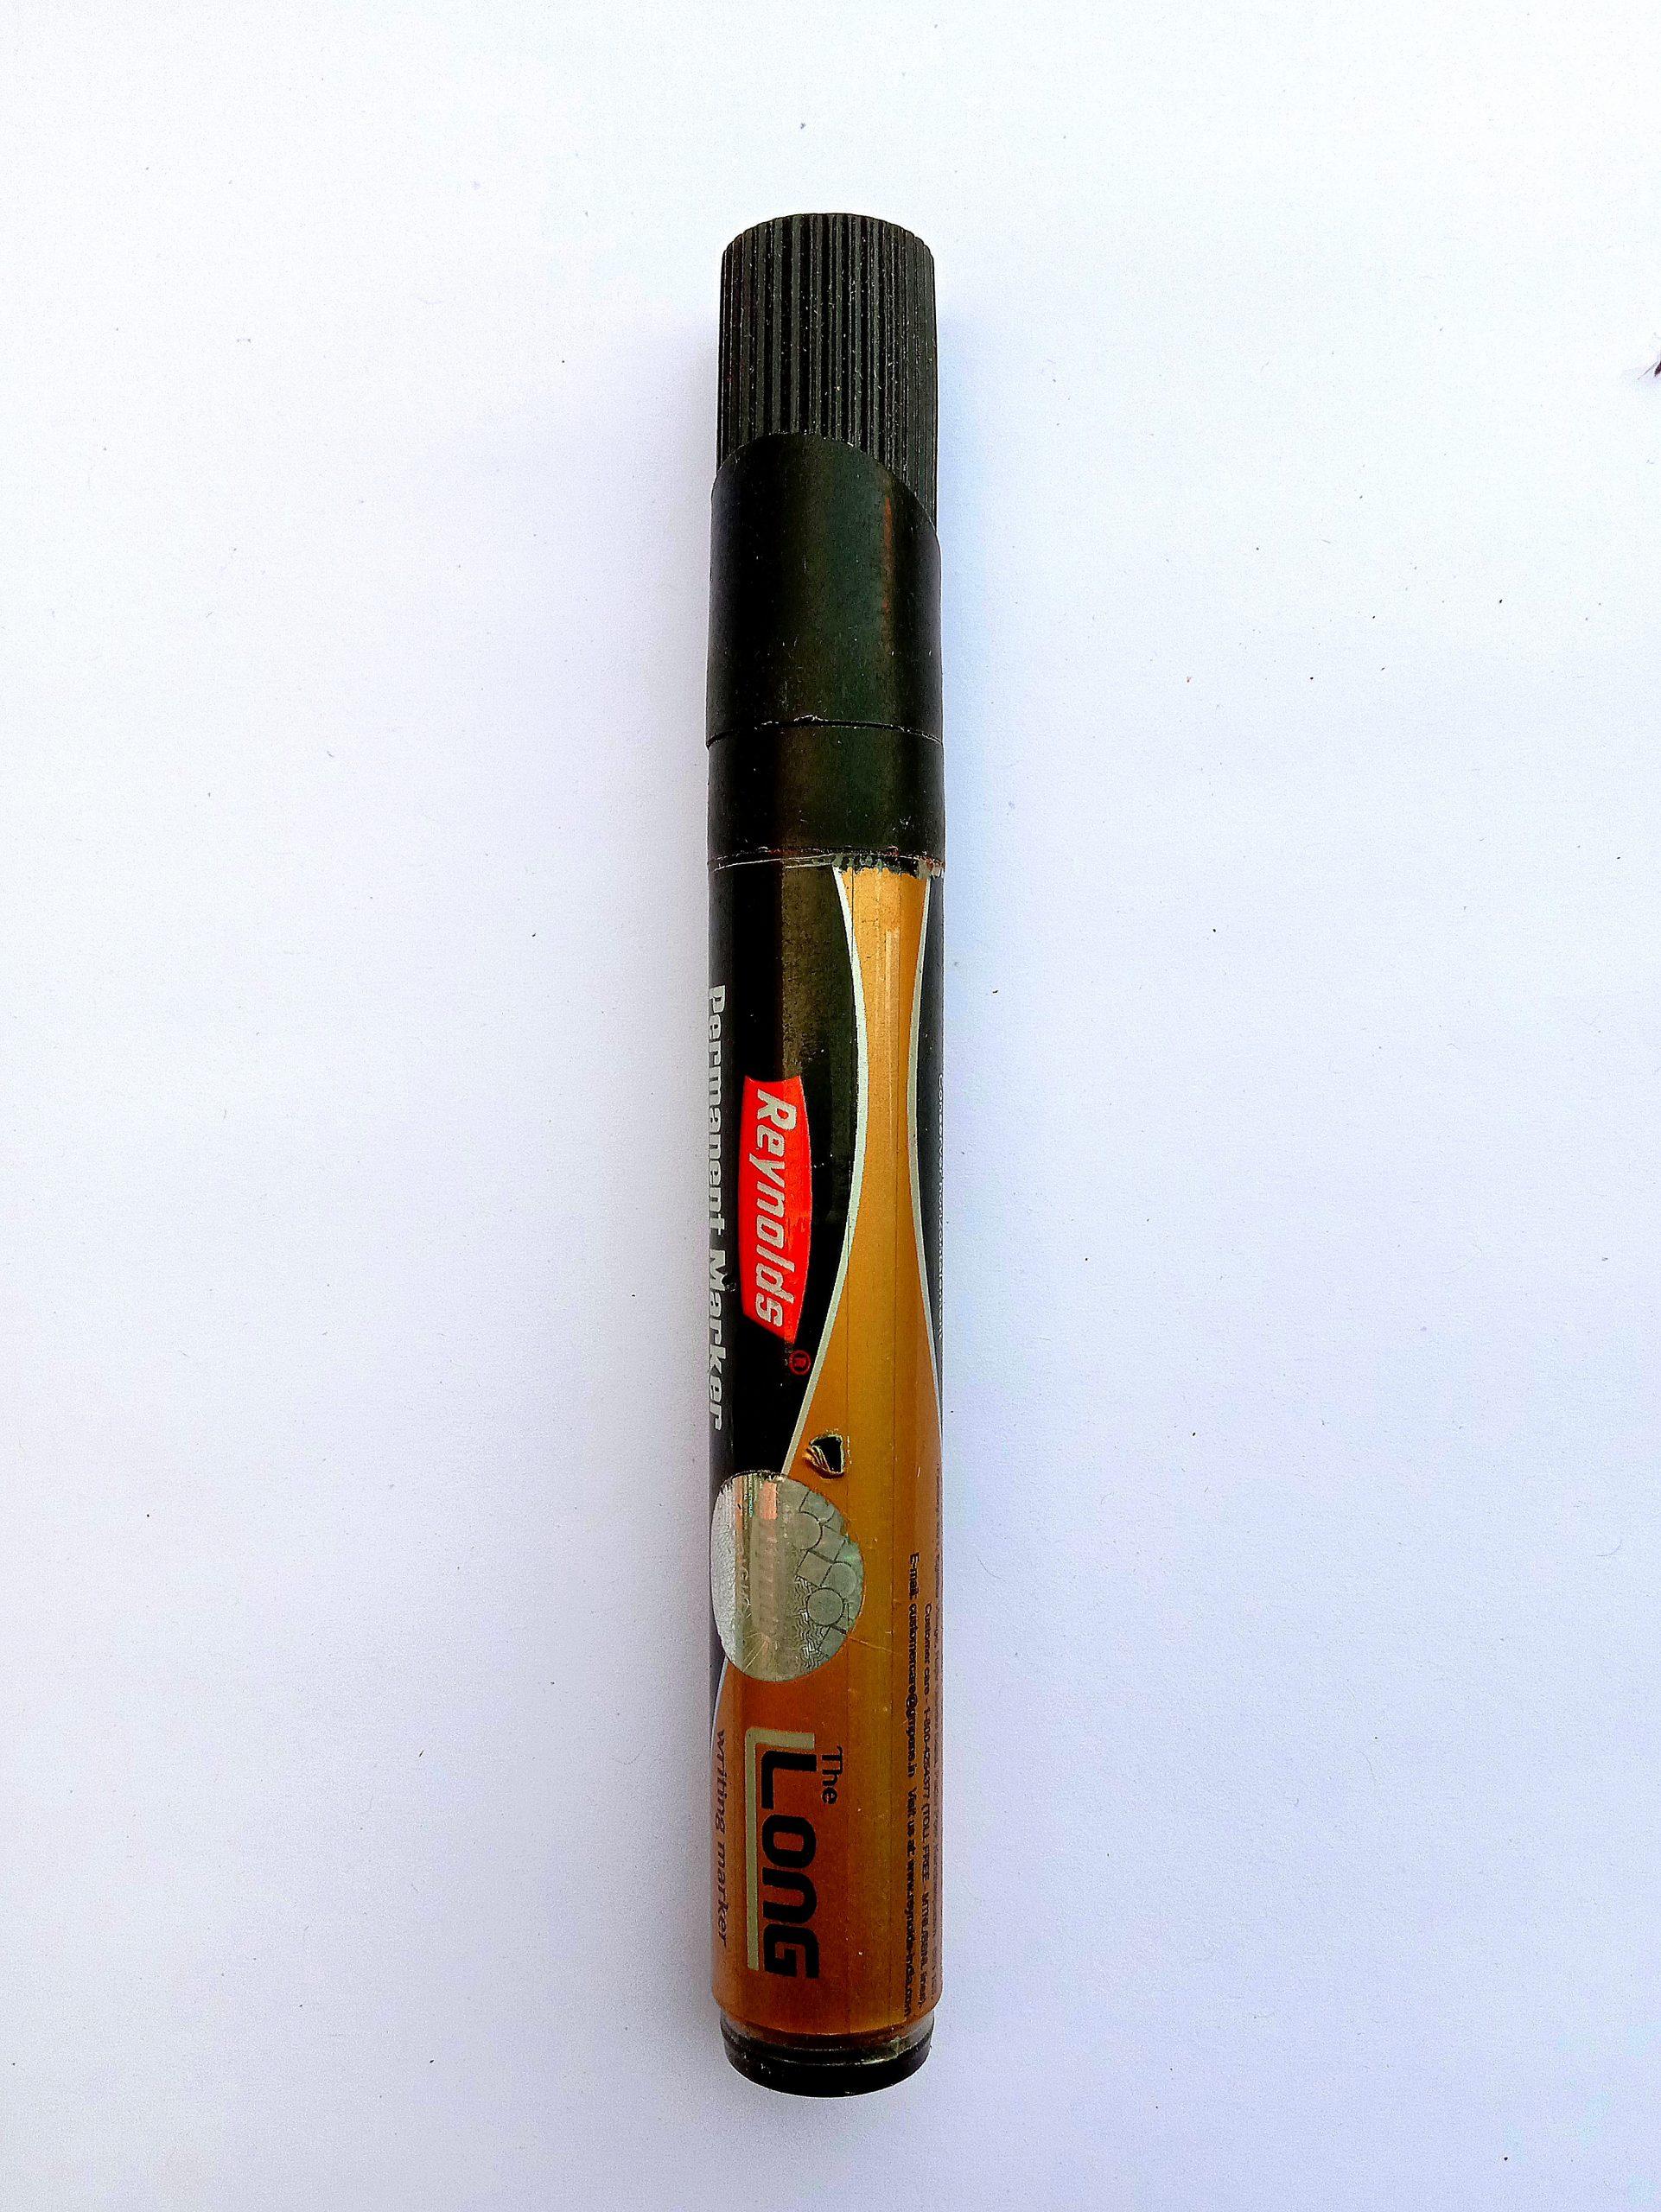 a marker pen